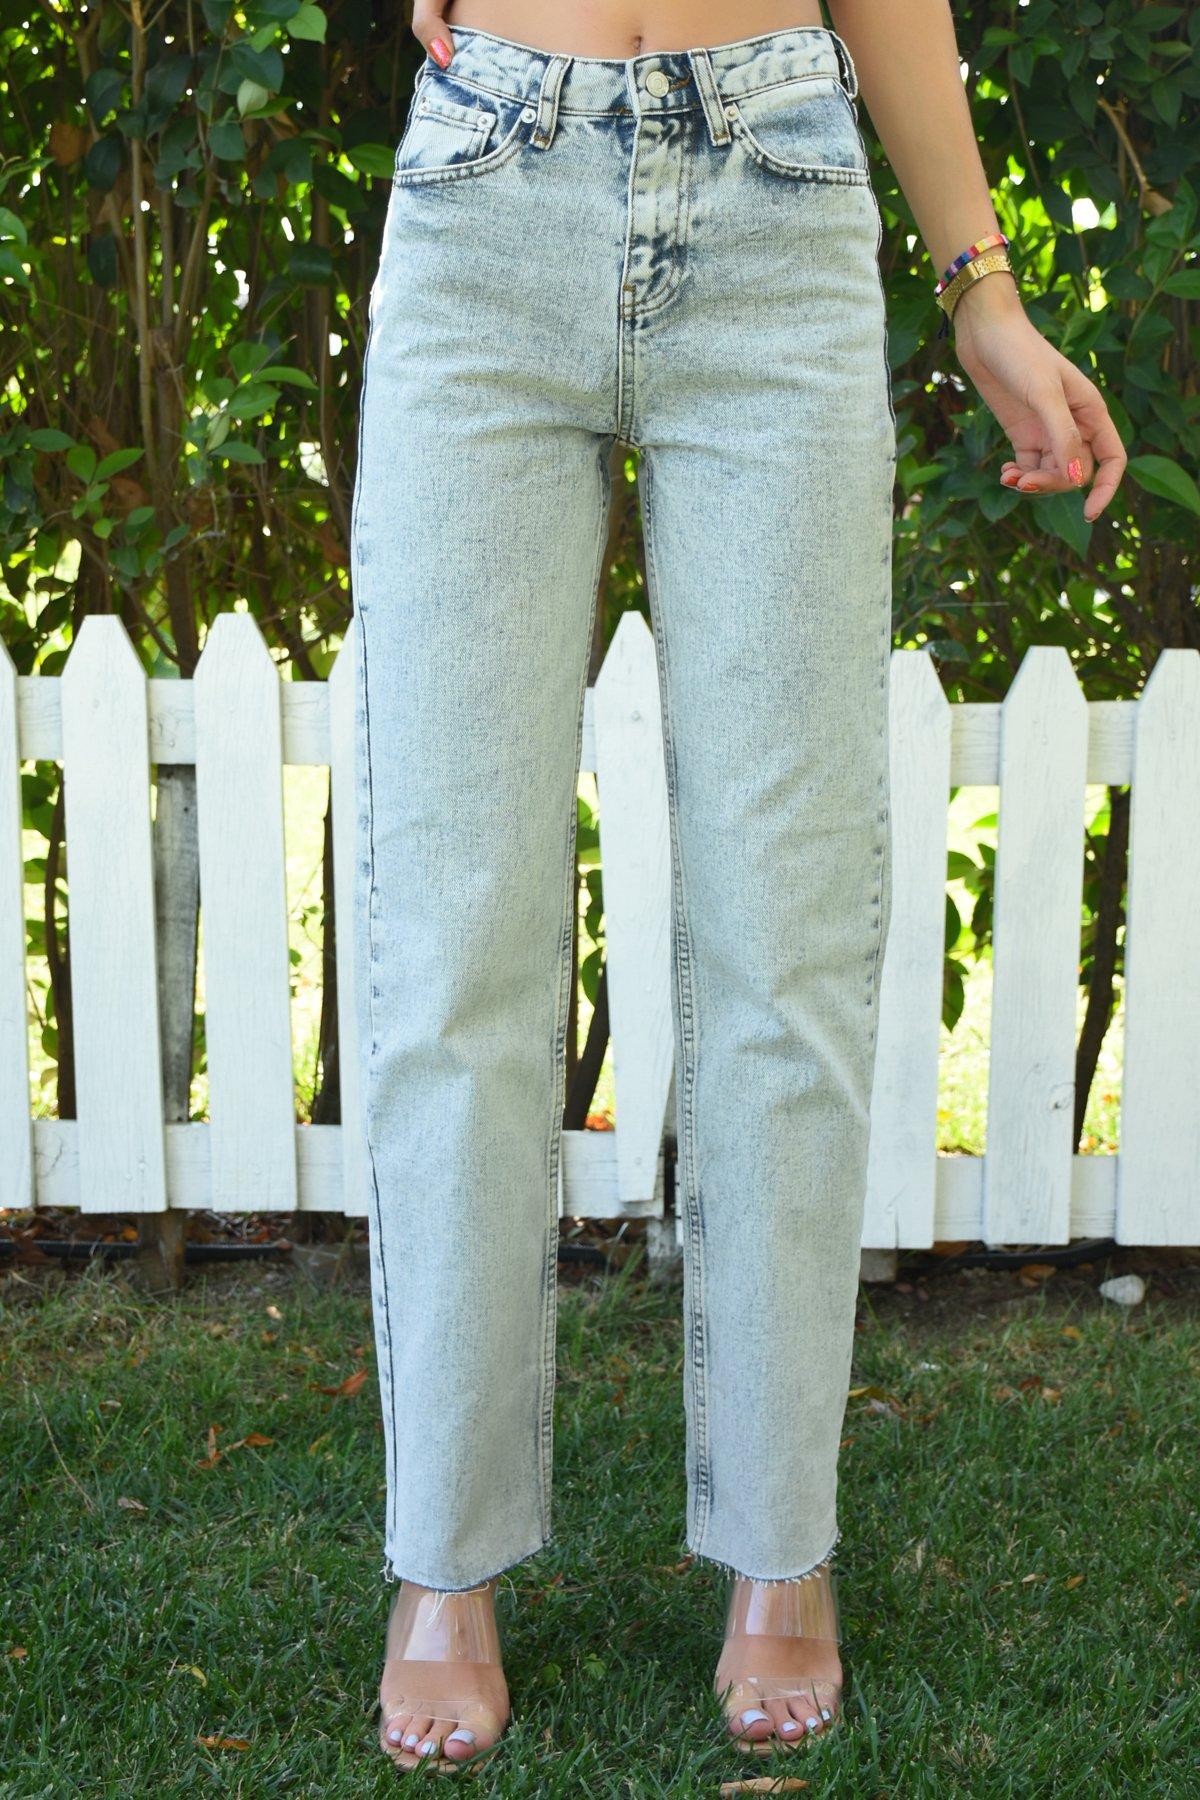 Kar Yıkamalı Paçası Kesik Pantolon